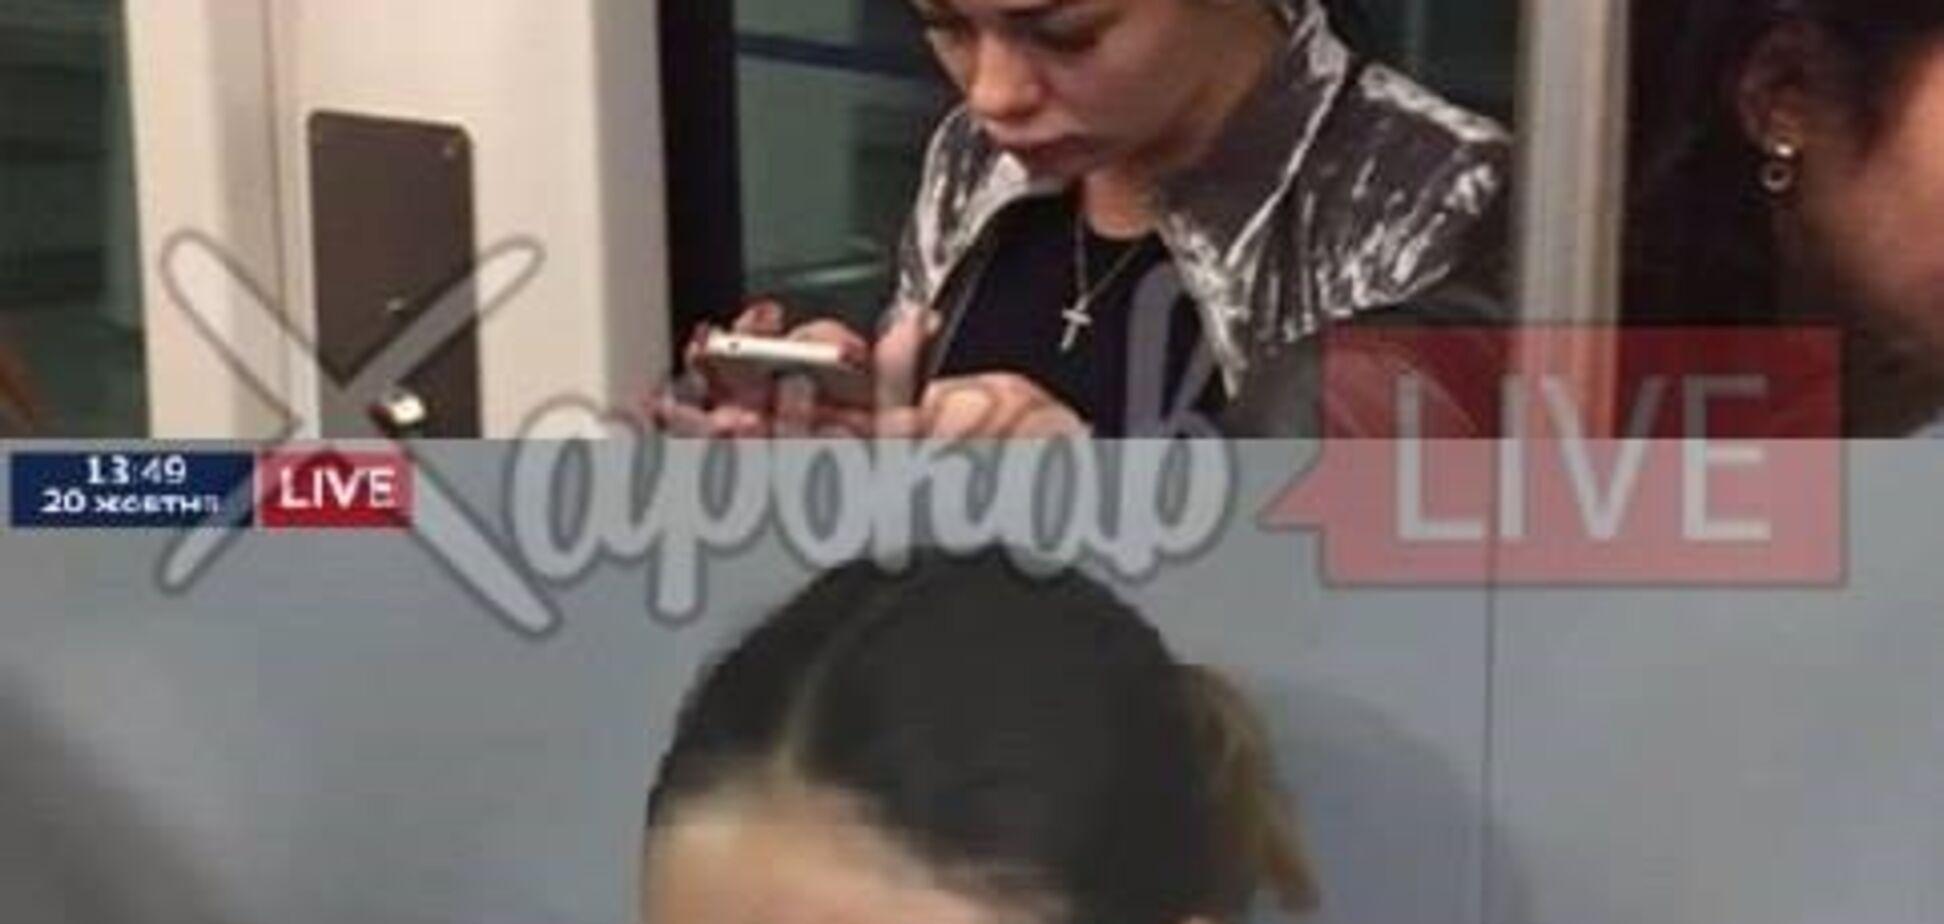 Резонансное фото 'Зайцевой' в аэропорту: стало известно о местонахождении девушки